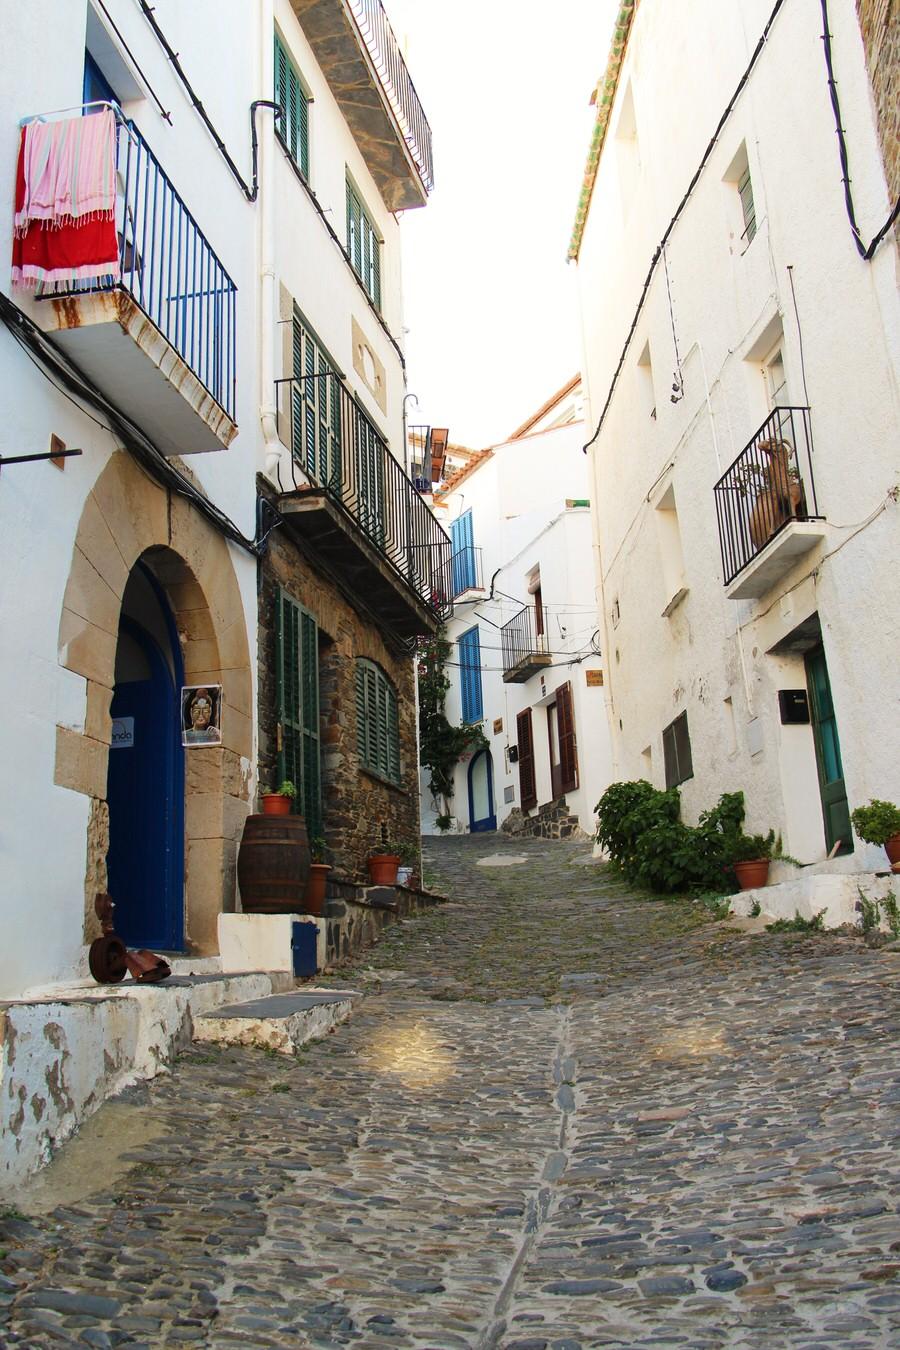 Distintas calles del casco antiguo de Cadaqués